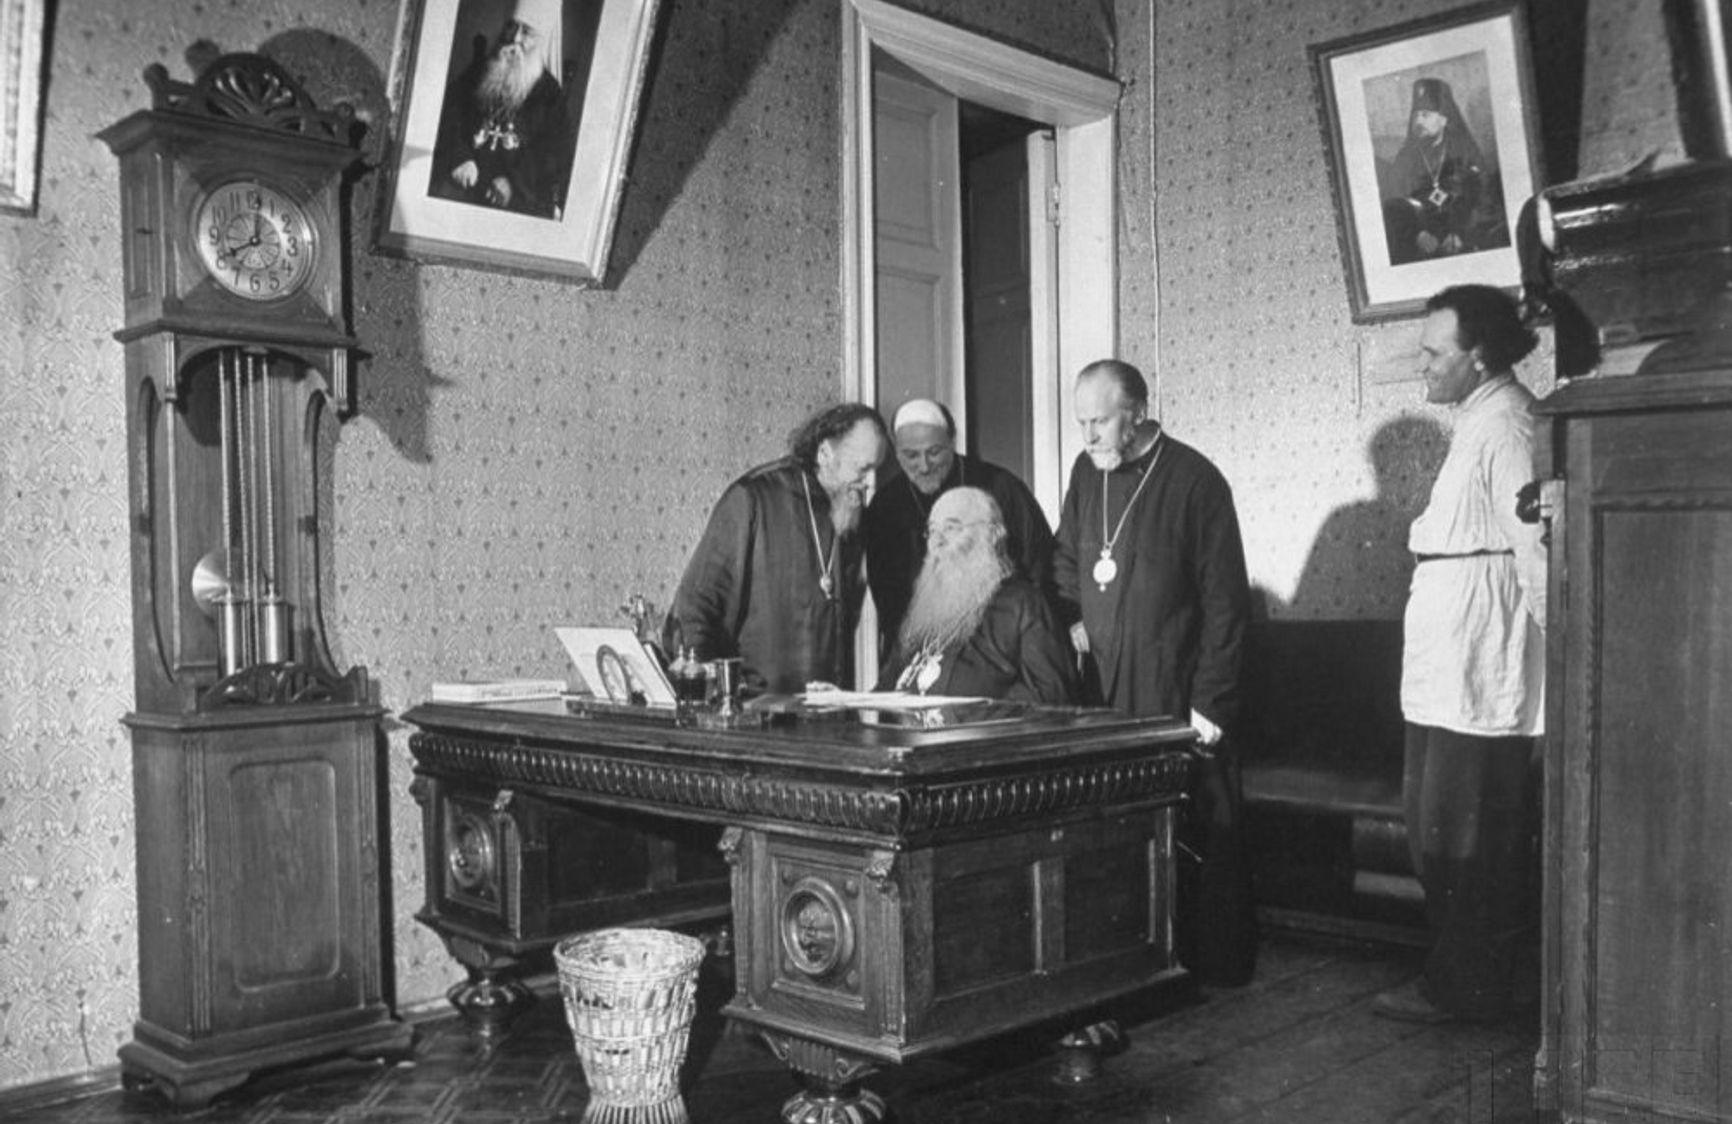 Патриарх Сергий в окружении церковных иерархов